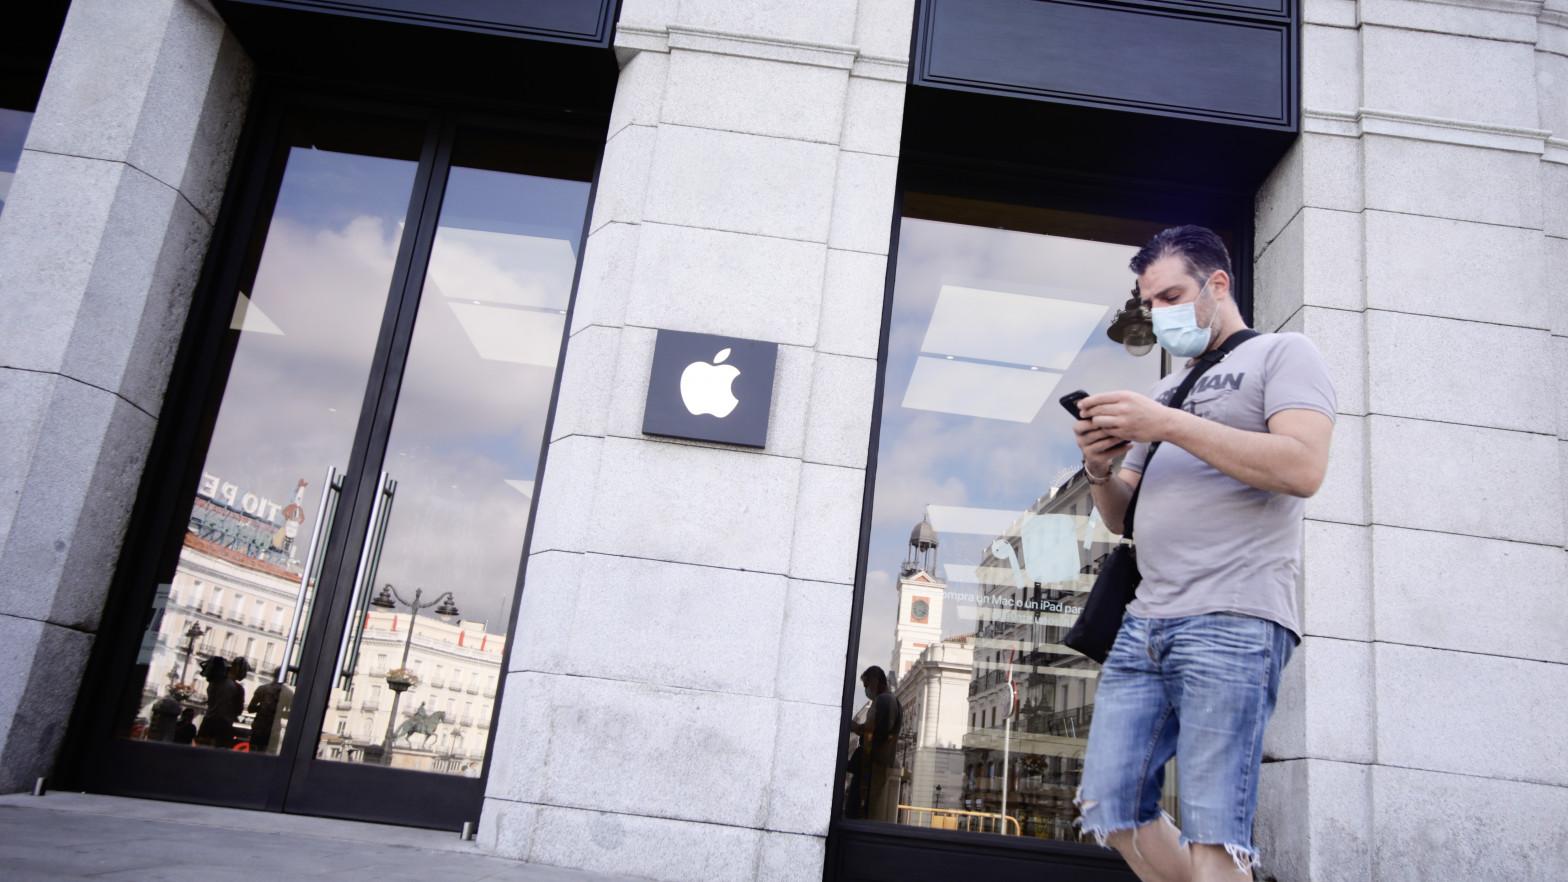 Una persona protegida con mascarilla pasa junto a la tienda Apple en la Puerta del Sol.